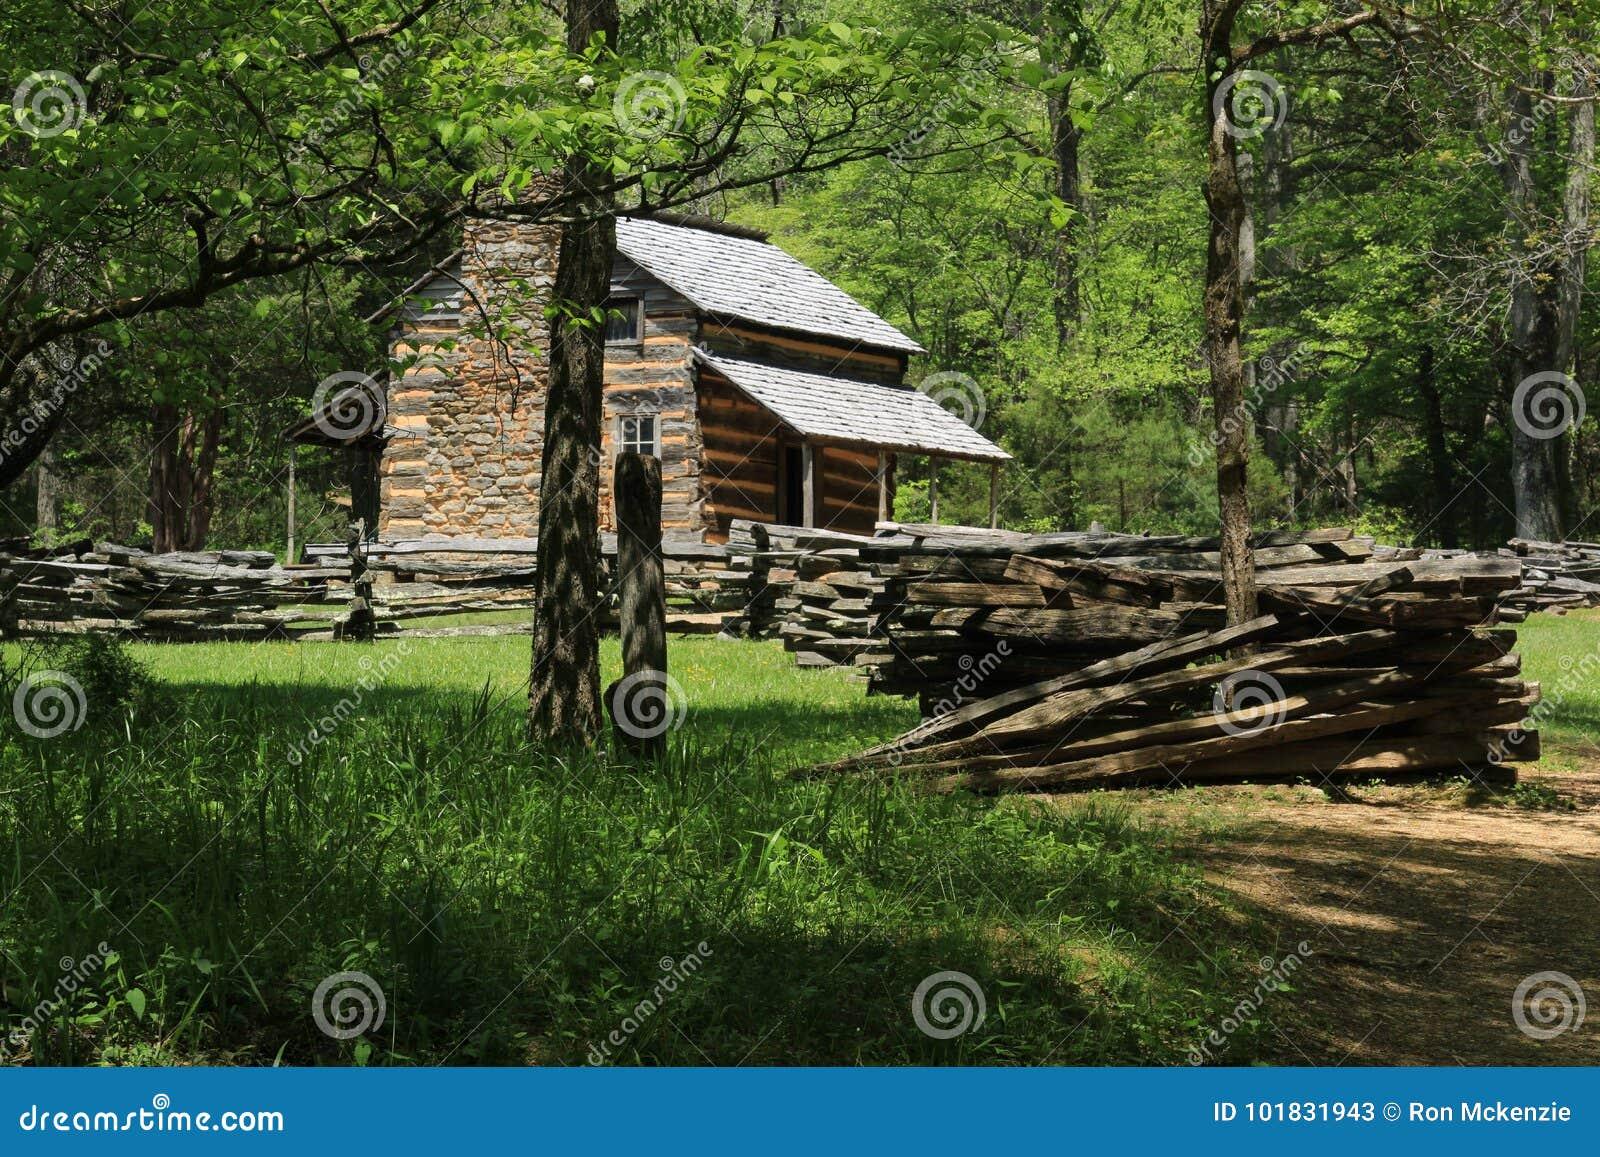 Smokey Mountains Log Cabin